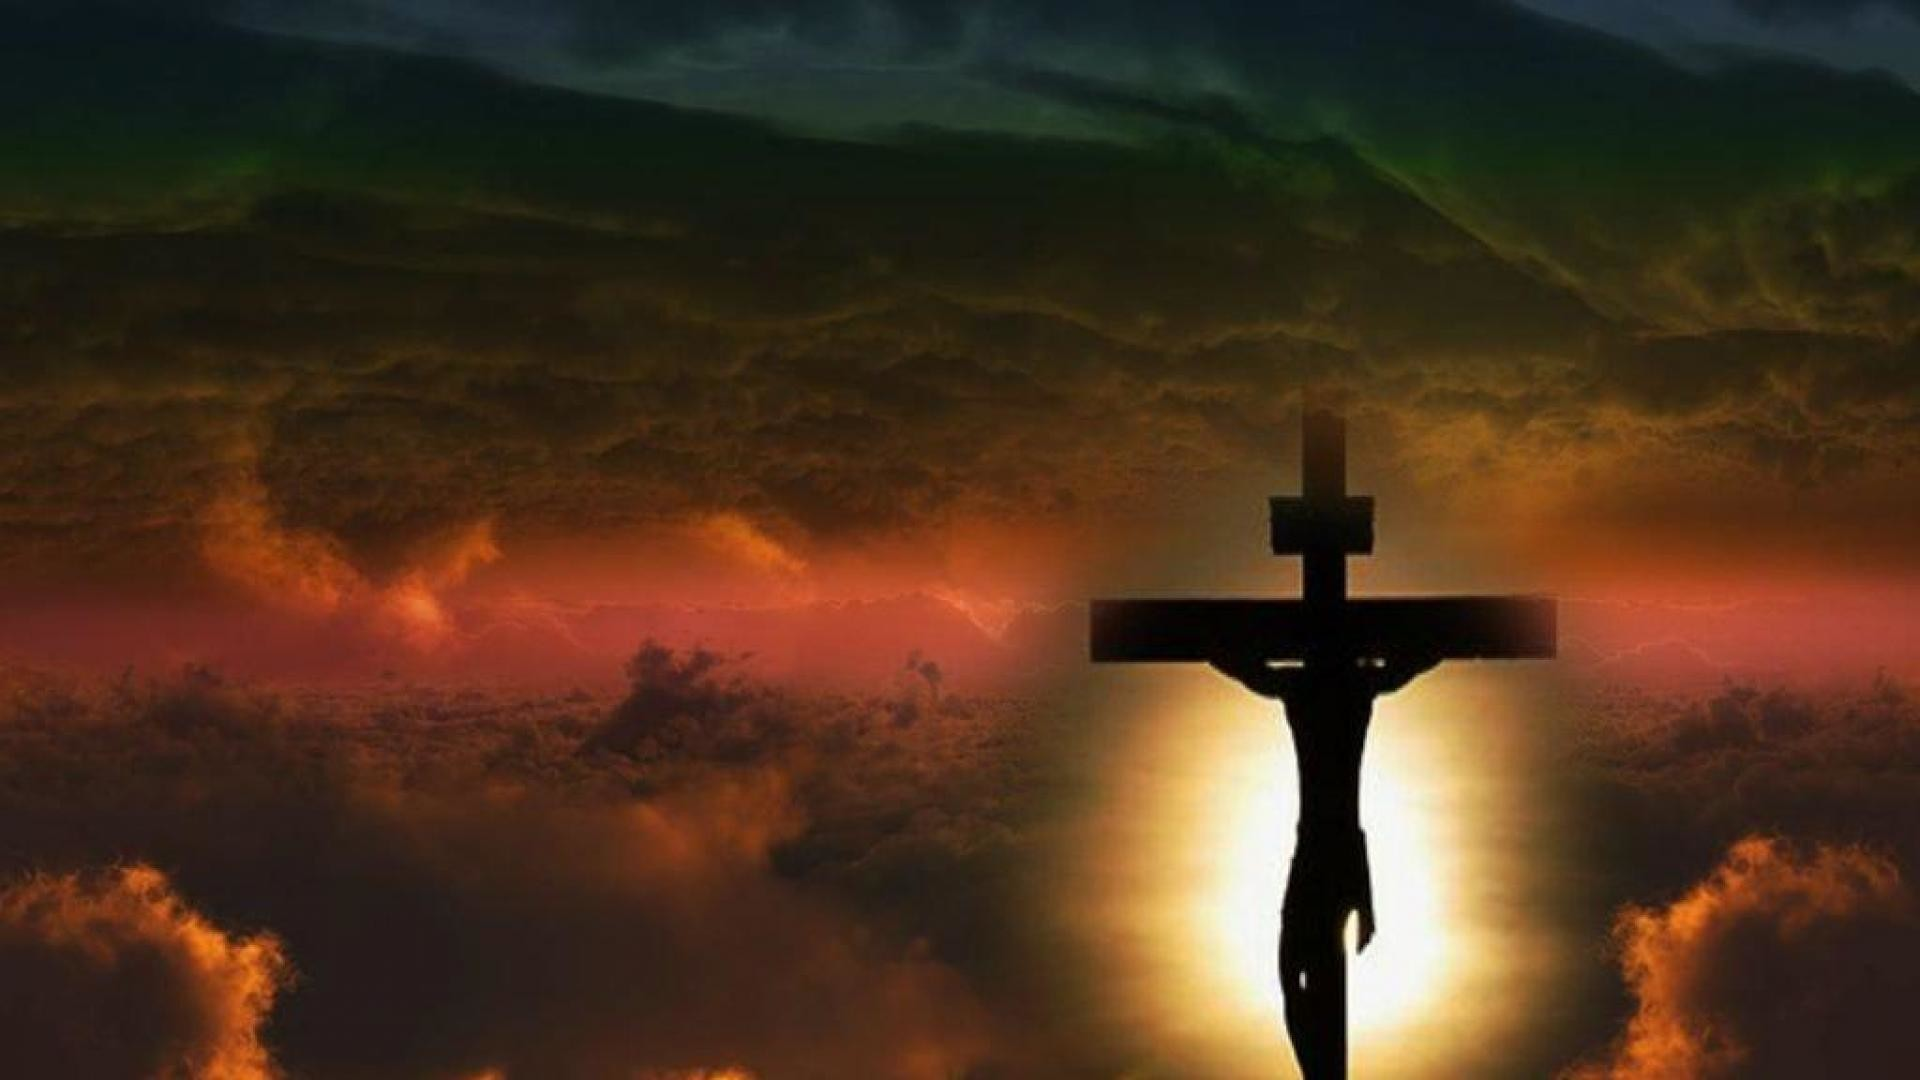 Иисус христос с крестом картинки на телефон